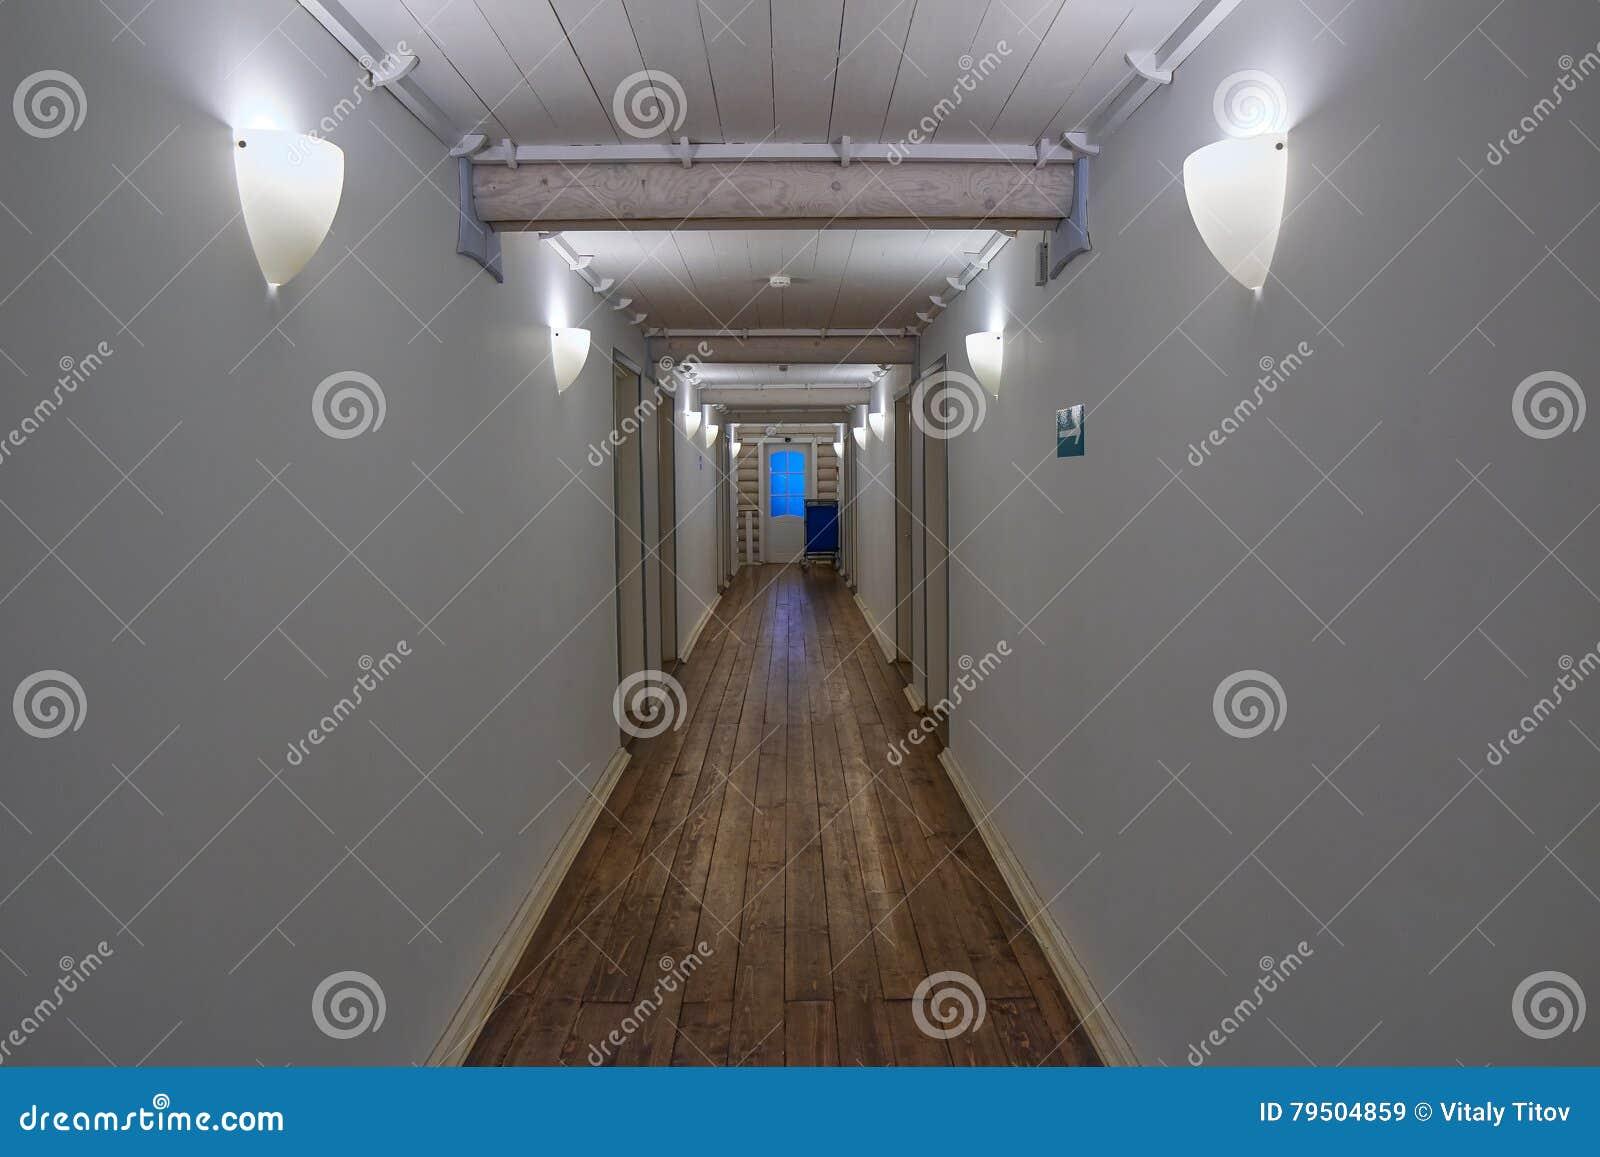 Corridoio Lungo Casa : Corridoio bianco lungo di una casa di legno immagine stock